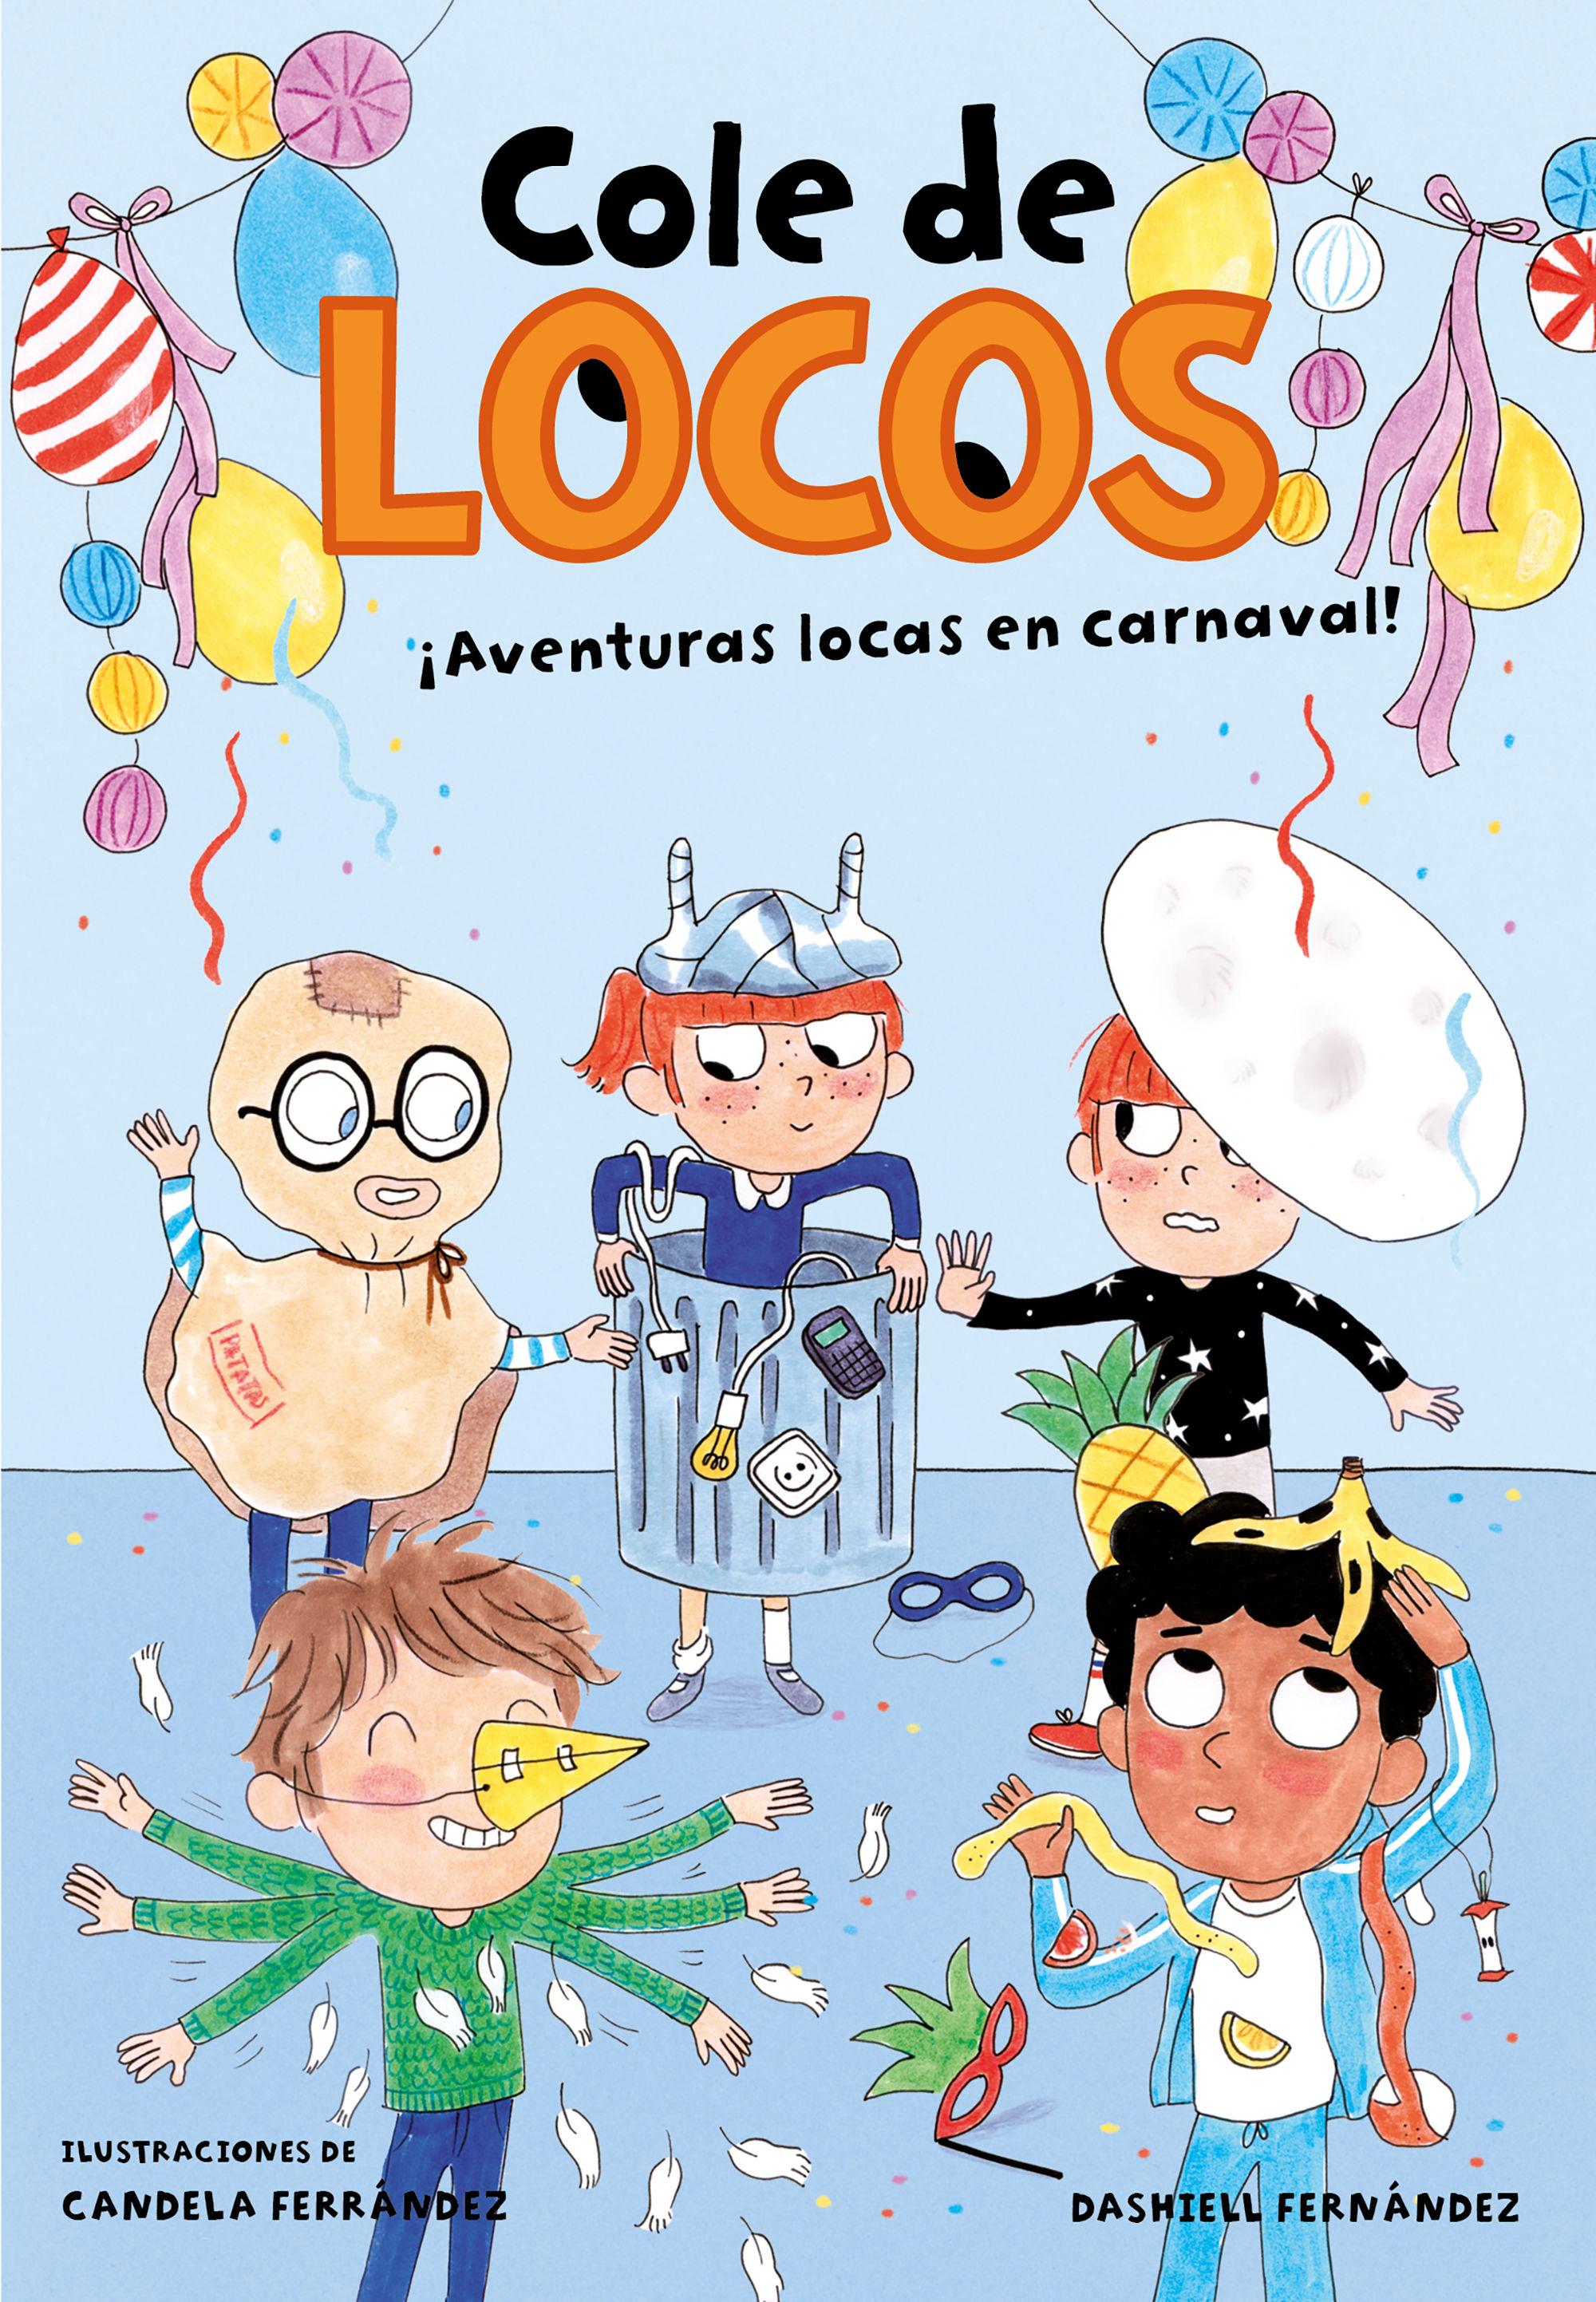 COLE DE LOCOS 5 AVENTURAS LOCAS EN CARNAVAL